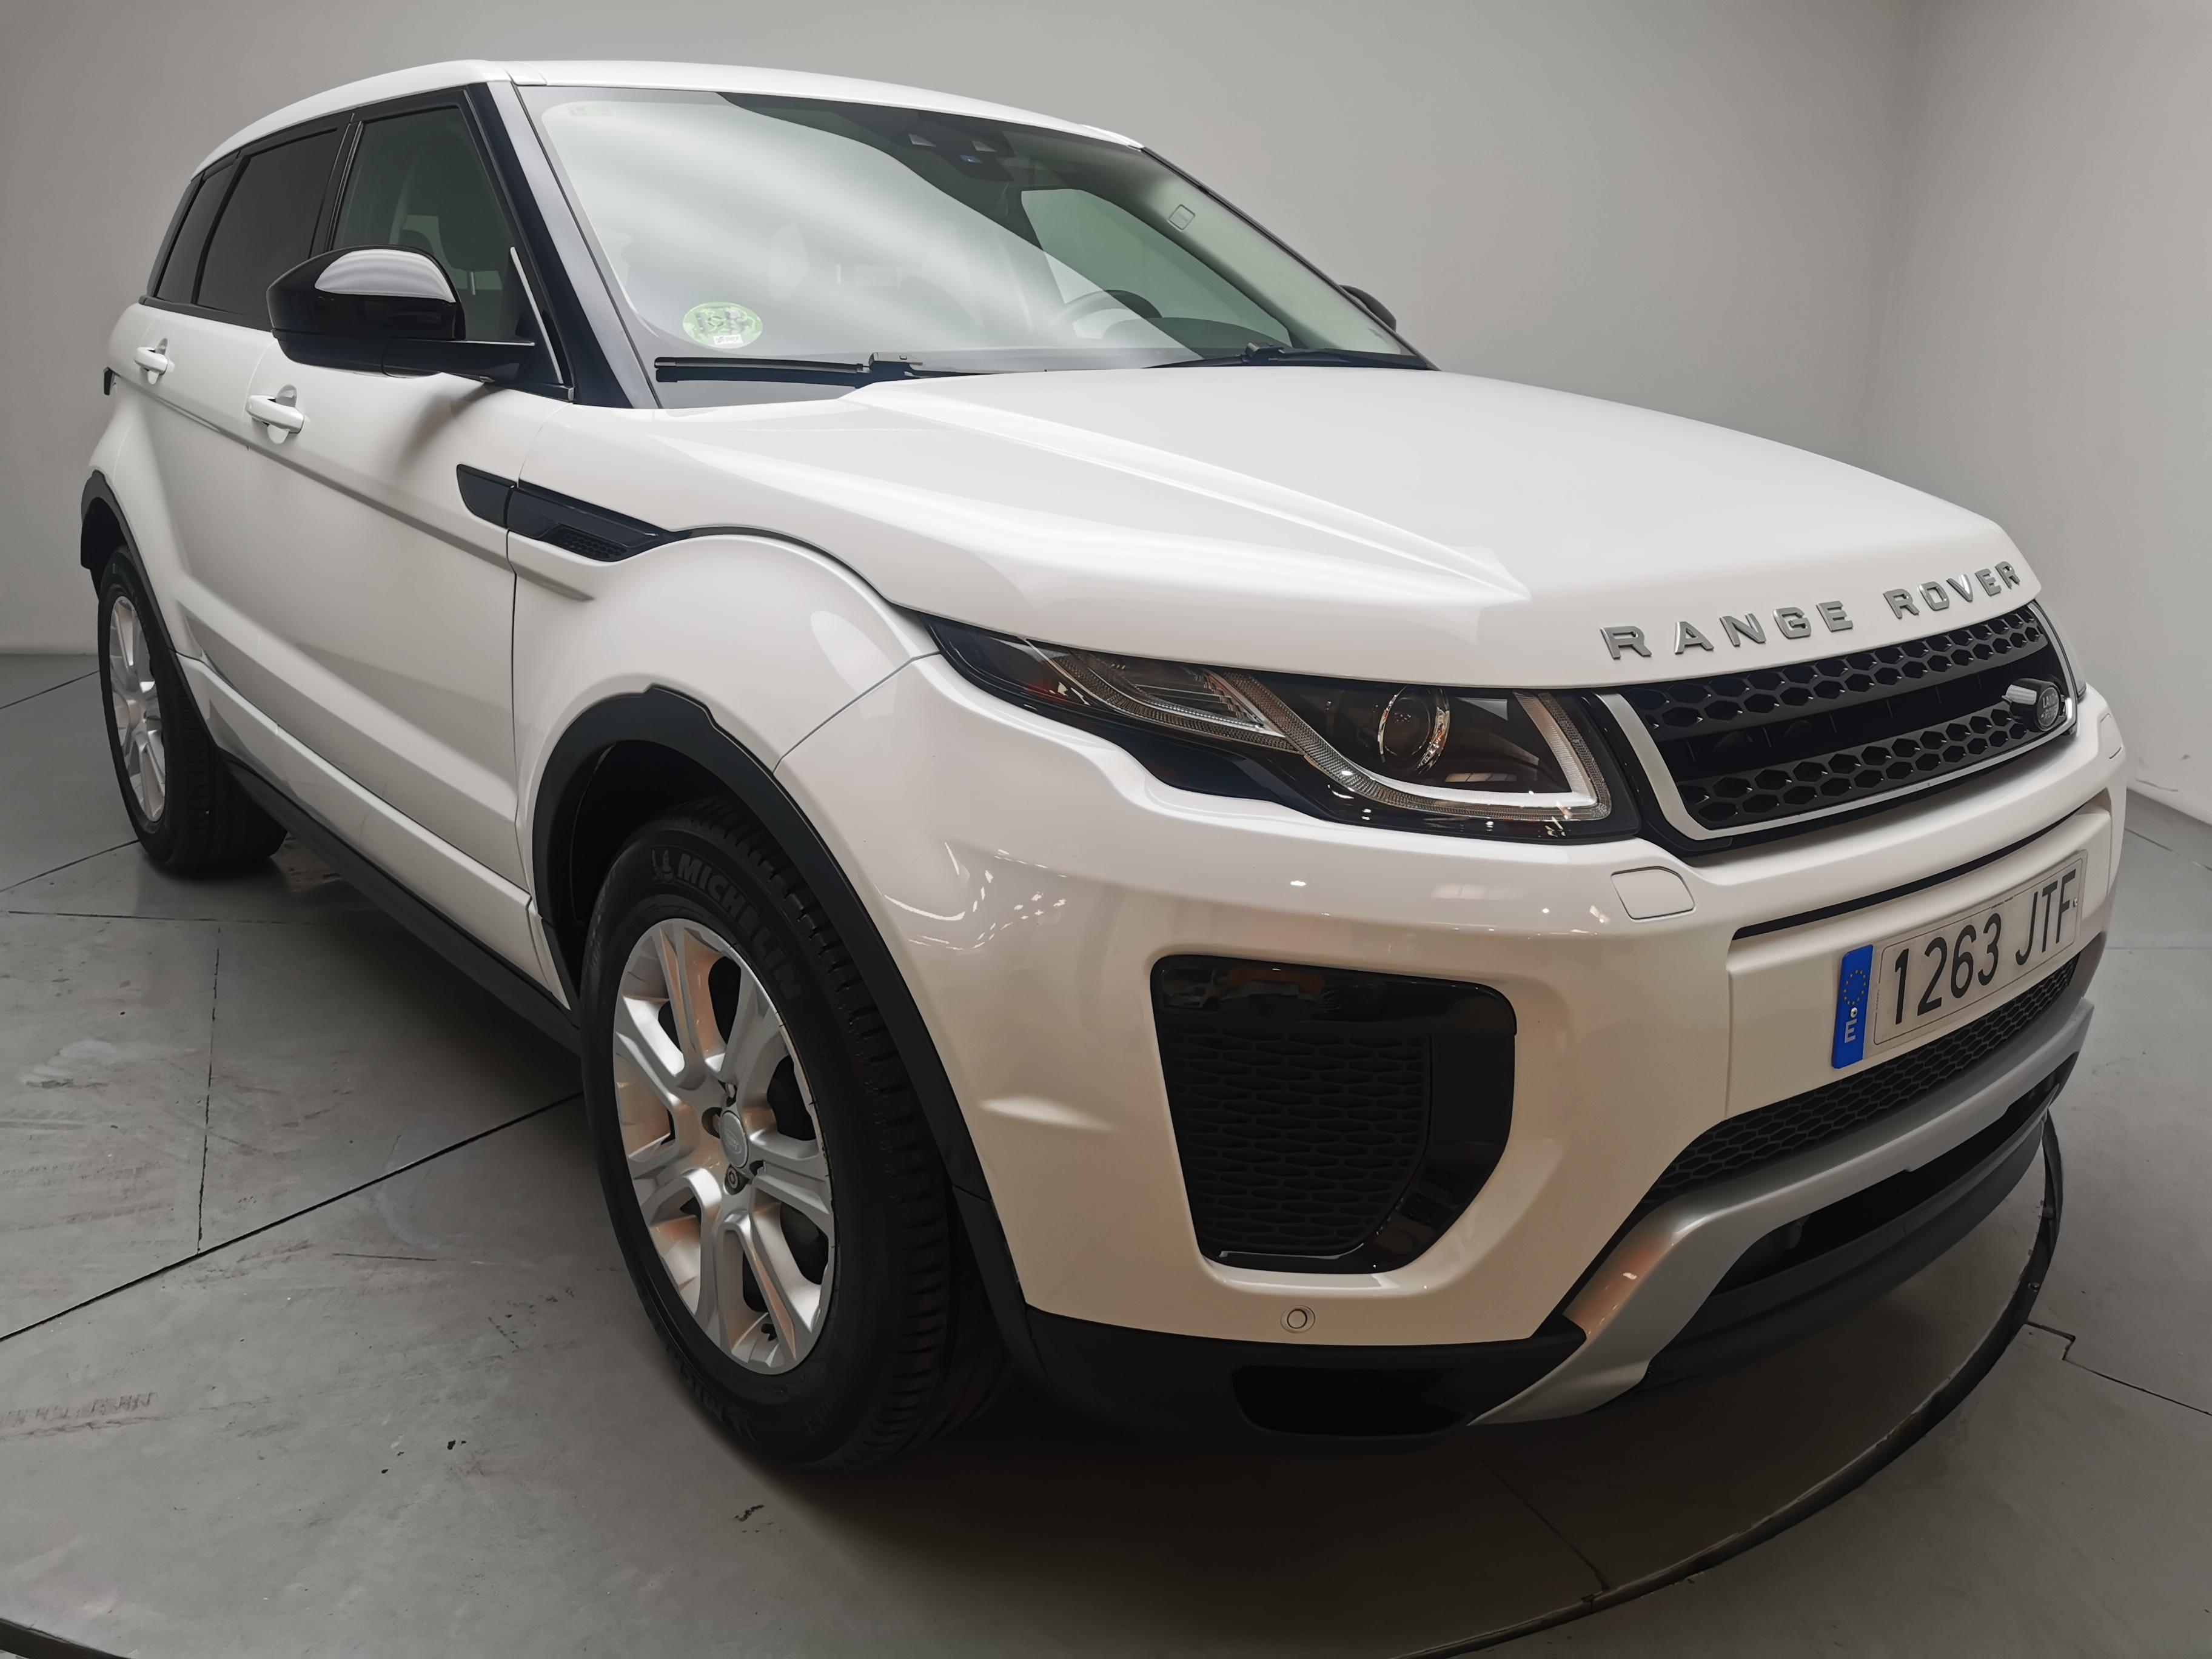 Land Rover Range Rover Evoque ocasión segunda mano 2016 Diésel por 30.500€ en Málaga